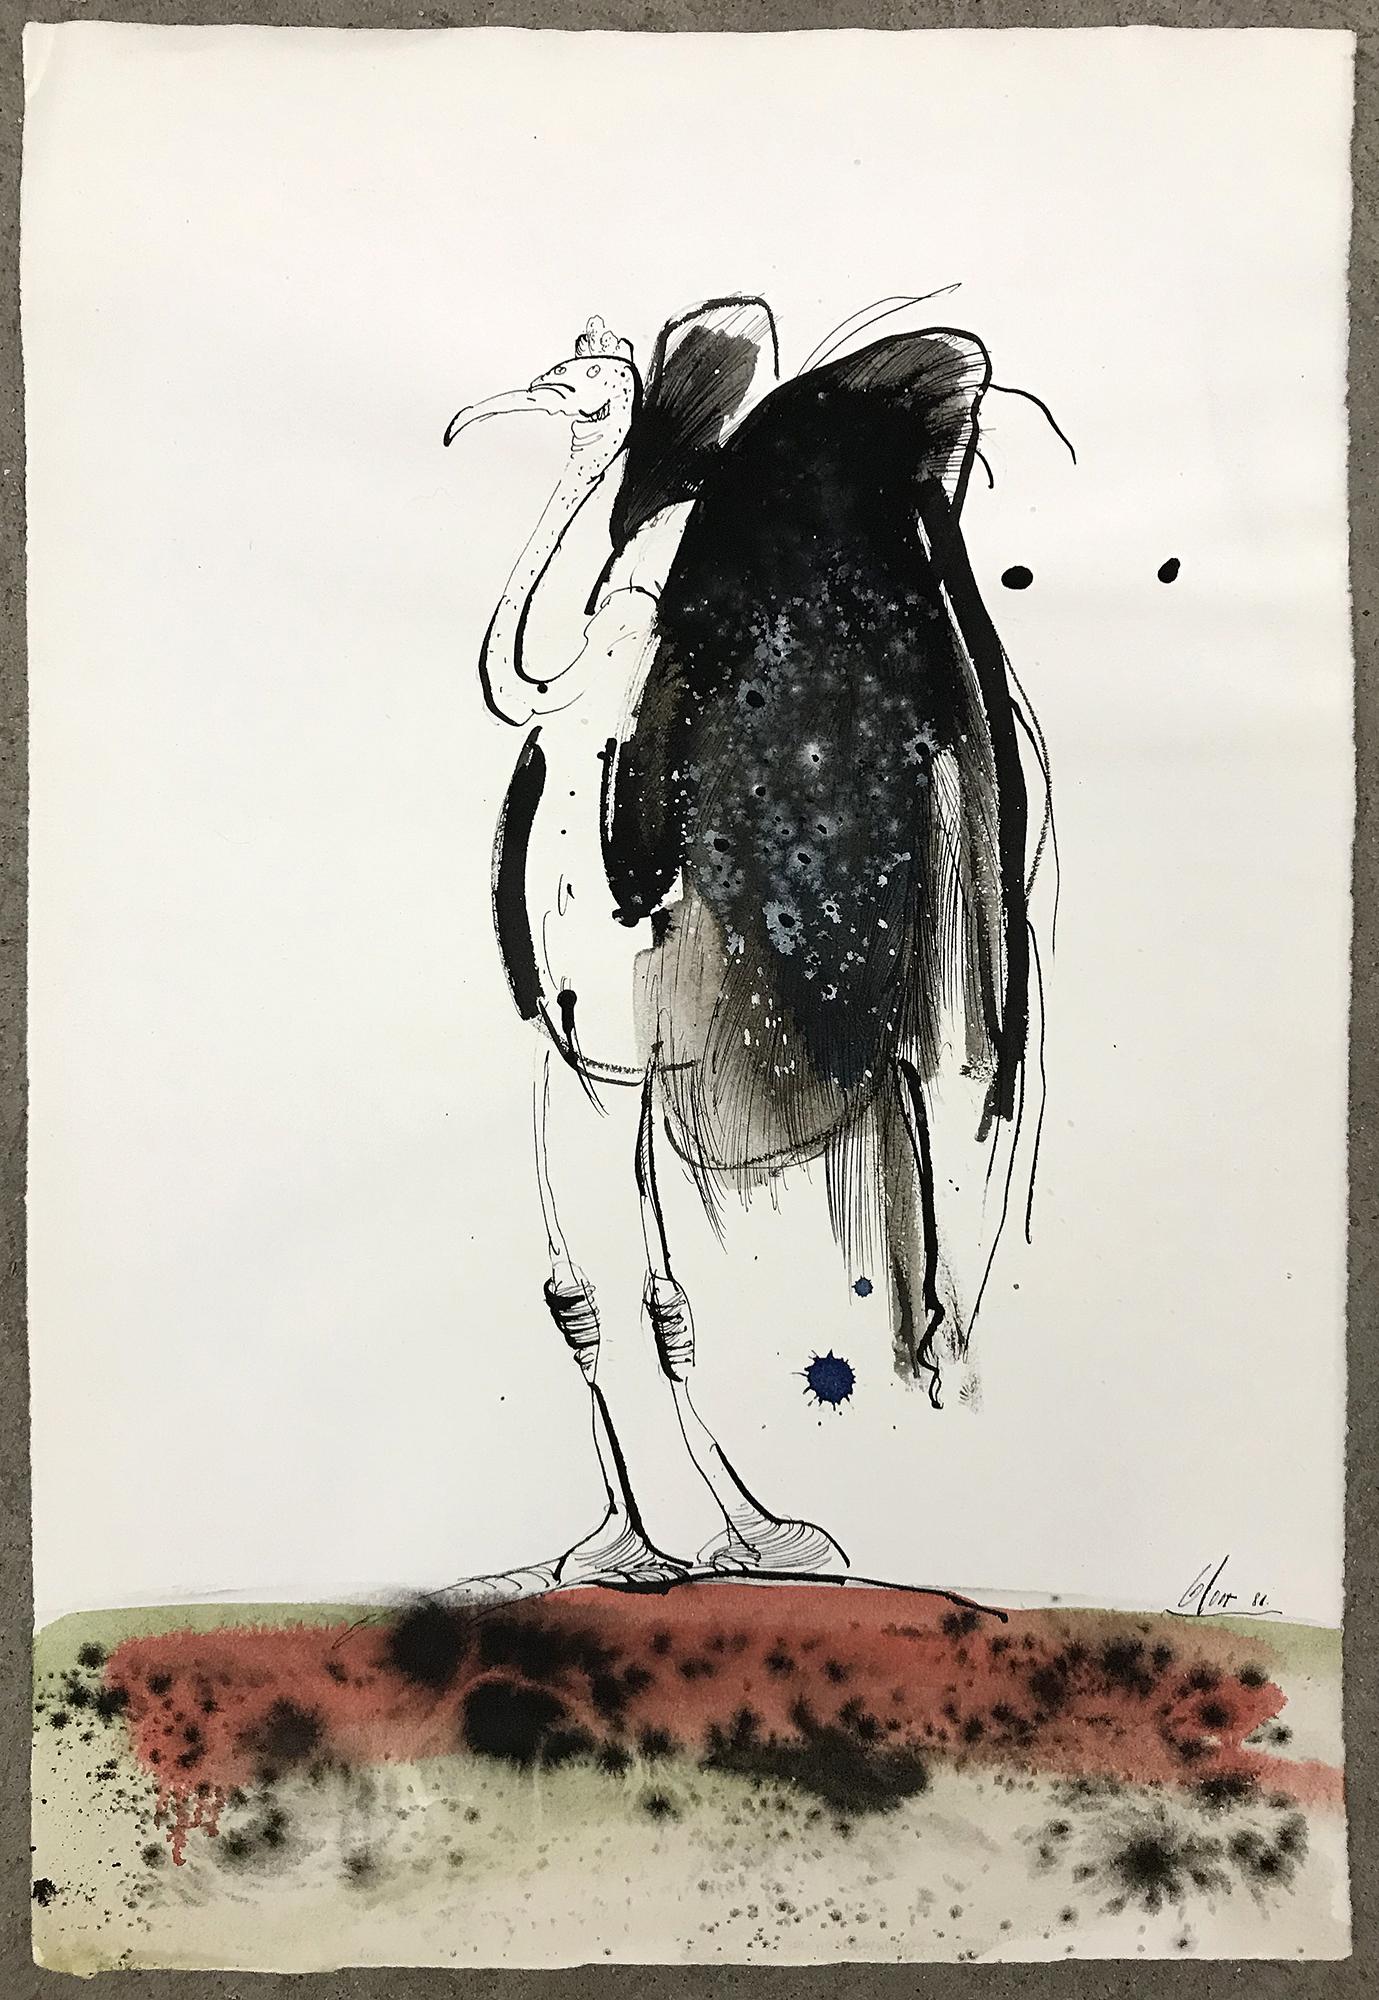 Truthahn, 1986, Tusche auf Büttenpapier, 32 x 45 cm, ohne Rahmen